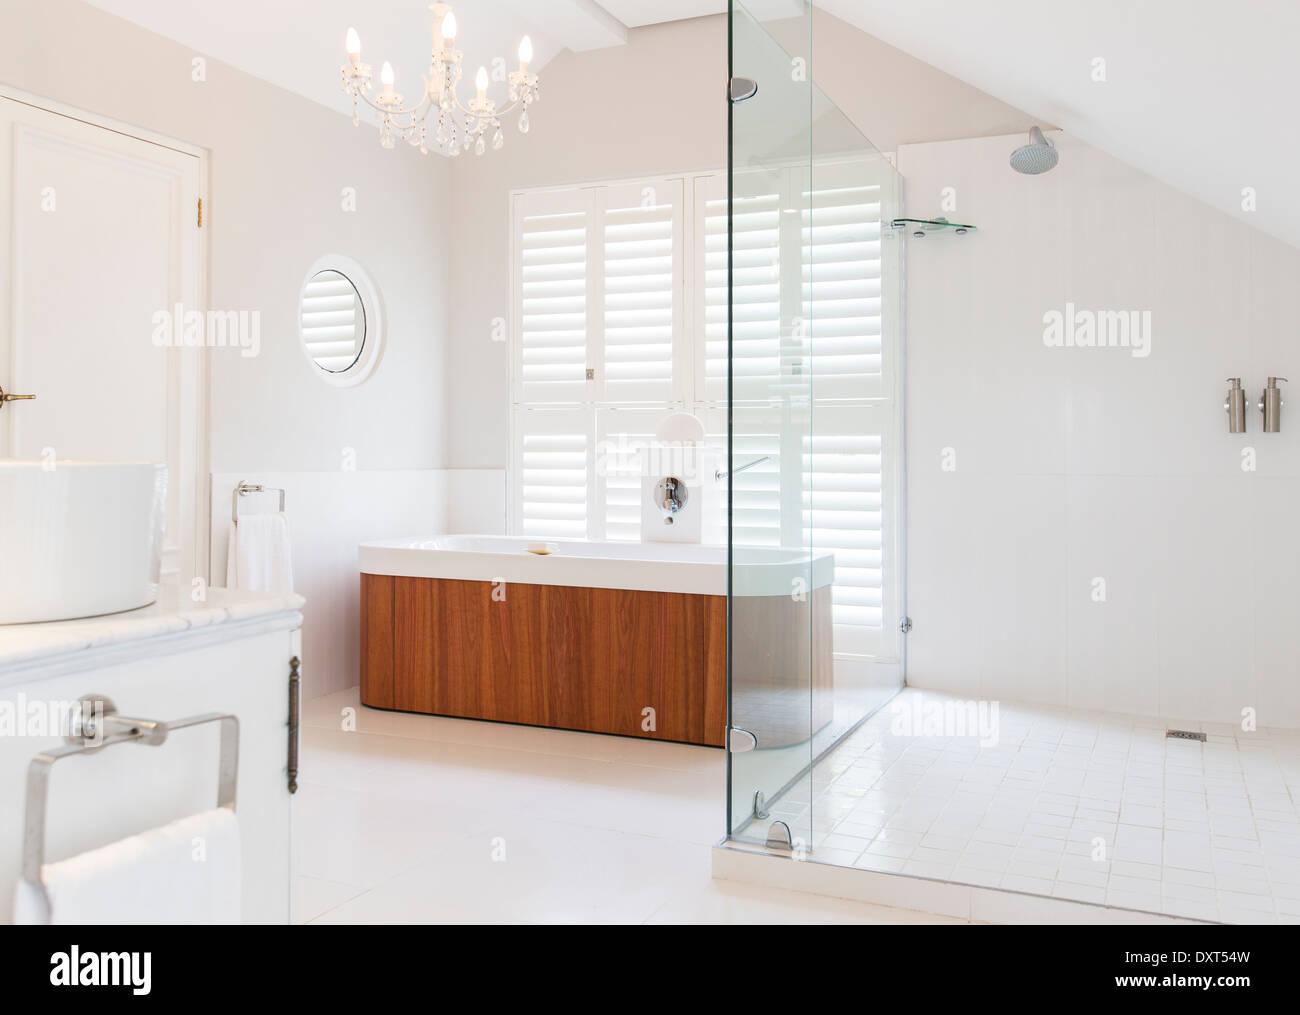 Kronleuchter über großzügige Badewanne im modernen Badezimmer ...